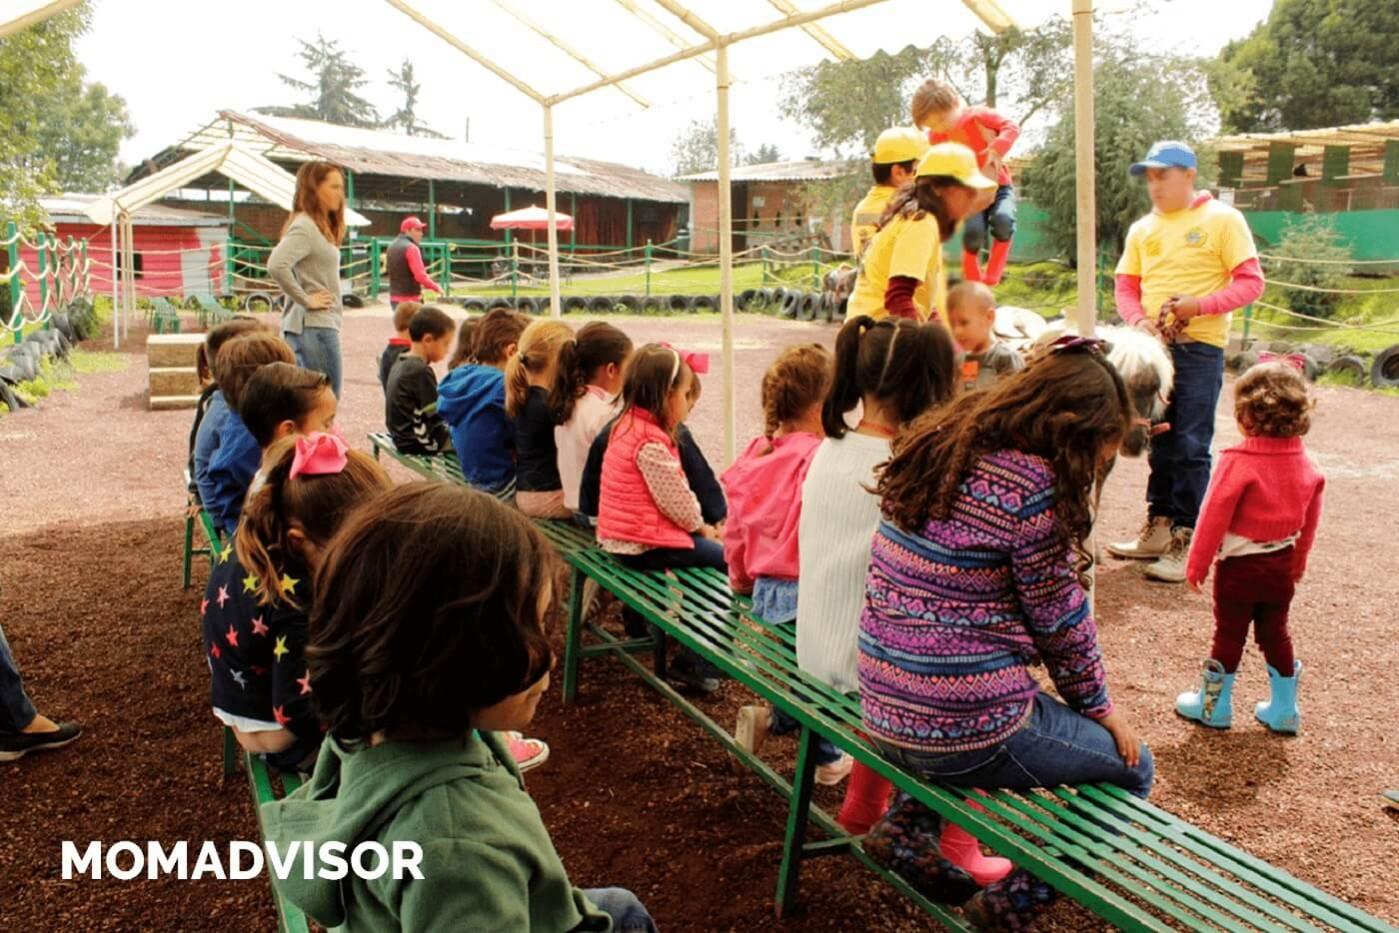 granja_del_tio_pepe_fiestas_tematicas_animales_cdmx_cumpleaños_niños_caballos-1